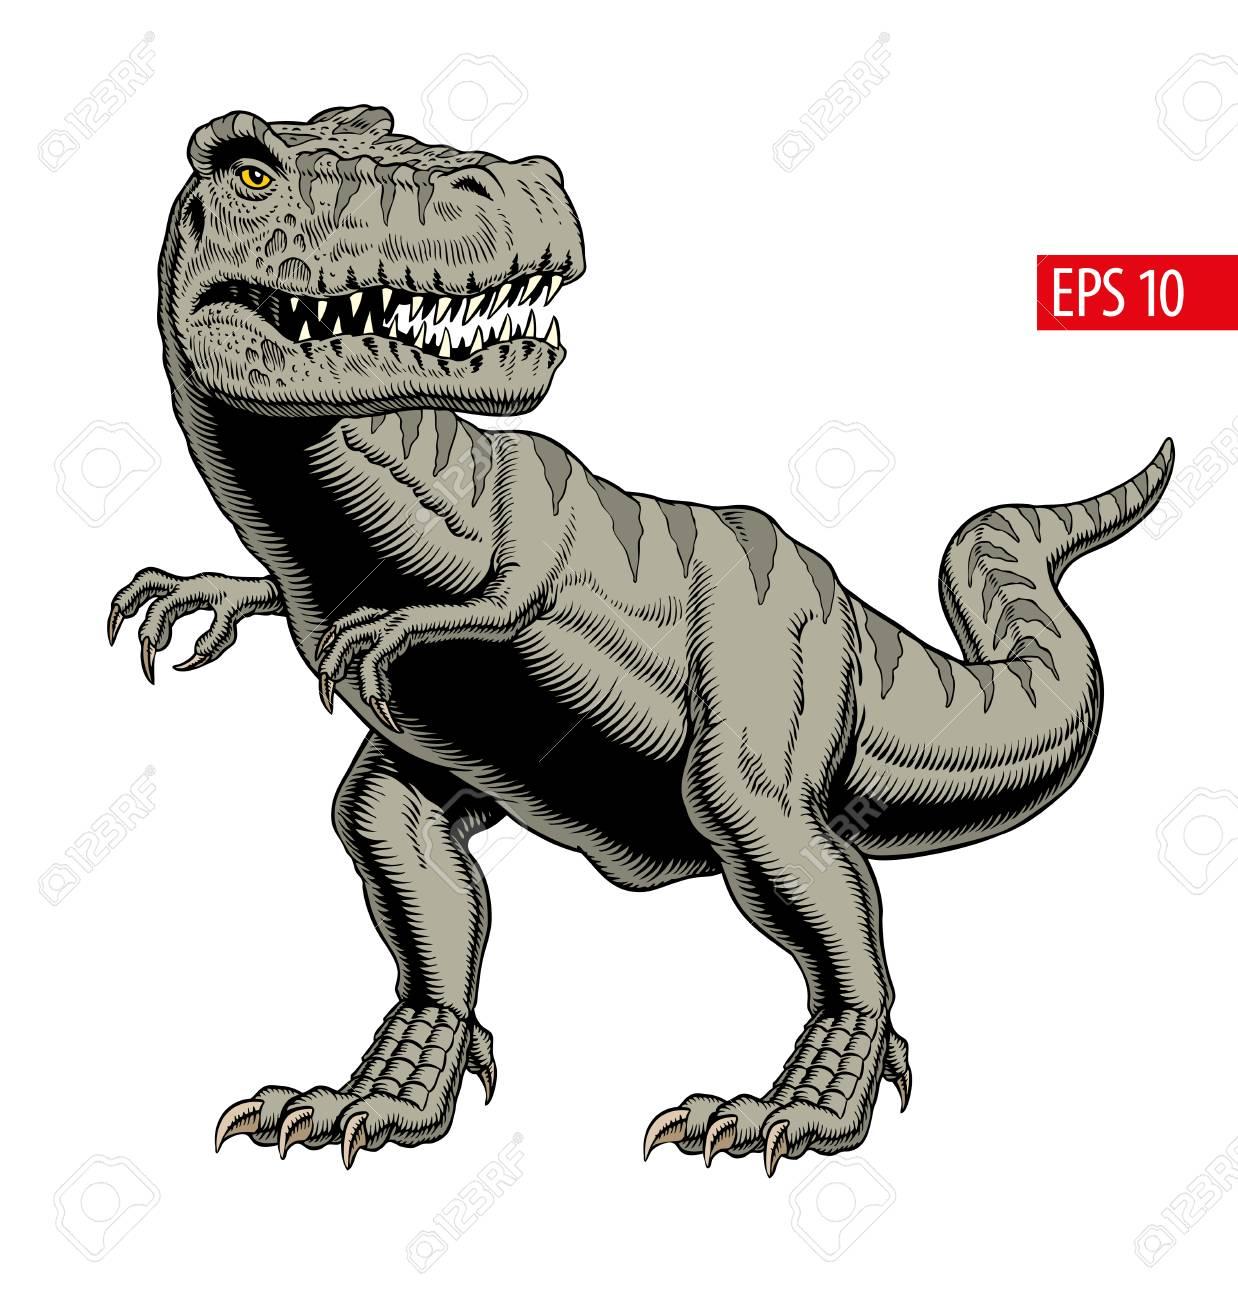 Tyrannosaurus rex or t rex dinosaur isolated on white. Comic style vector illustration. - 124637898